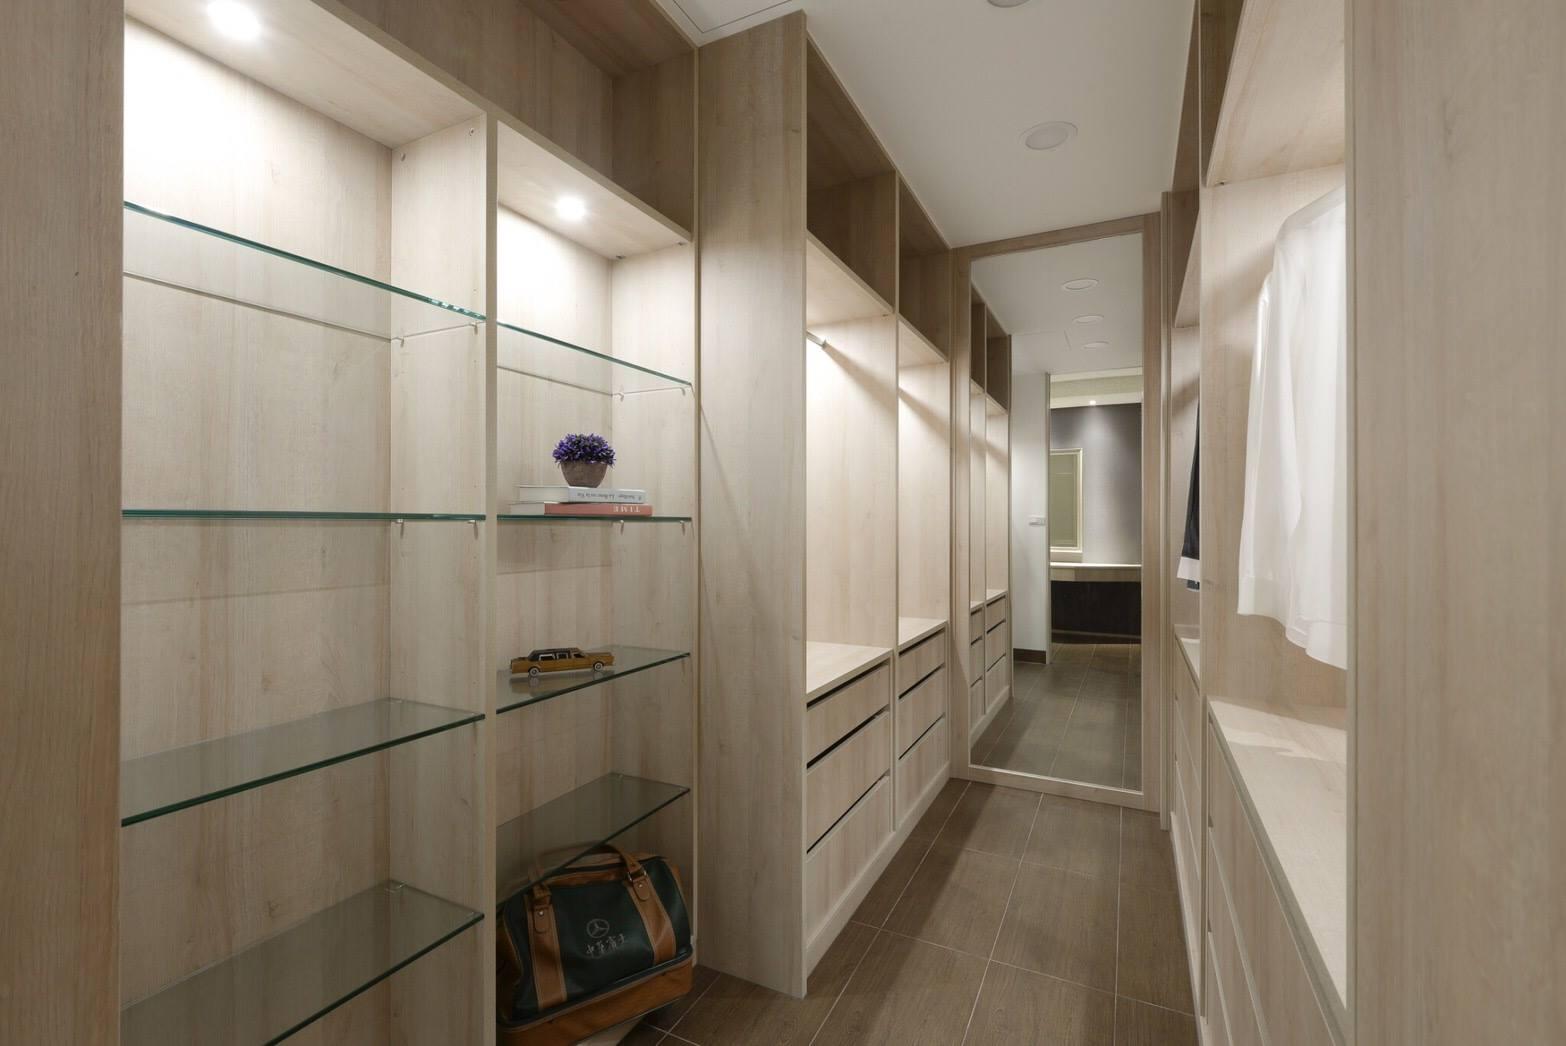 現代系統家俱設計 | 蕃茄廚具系統傢俱 | 給您最高端的品味與時尚的系統傢俱系統櫃系統廚具